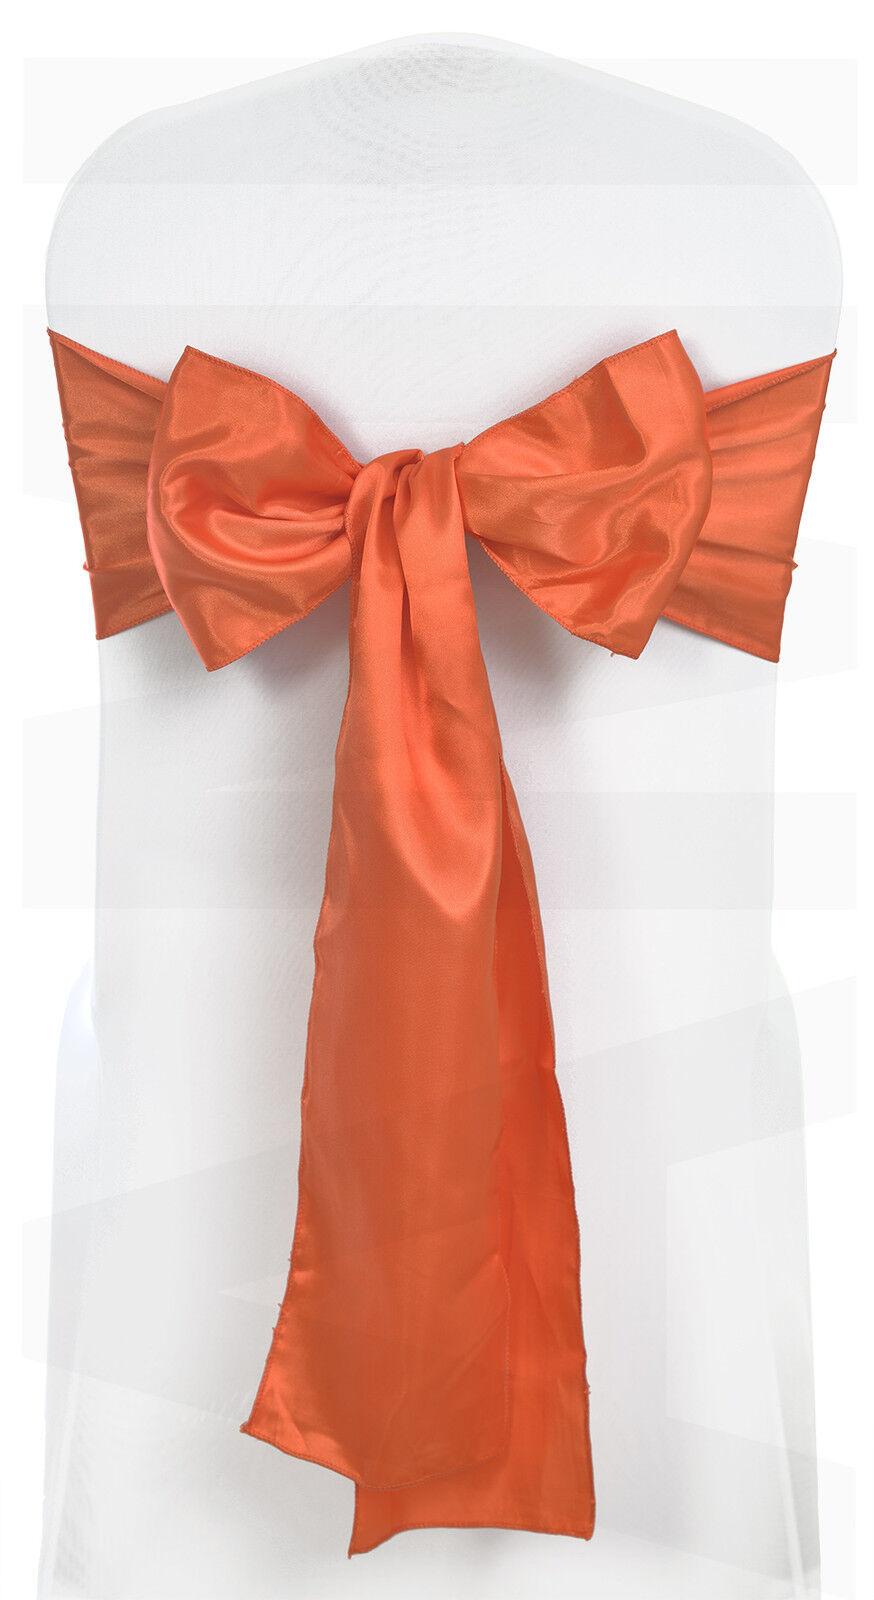 Satin orange de brûlé chaise avec nœud de orange ruban liens Mariage Venue Décoration packs de 1 à 200 bc1877